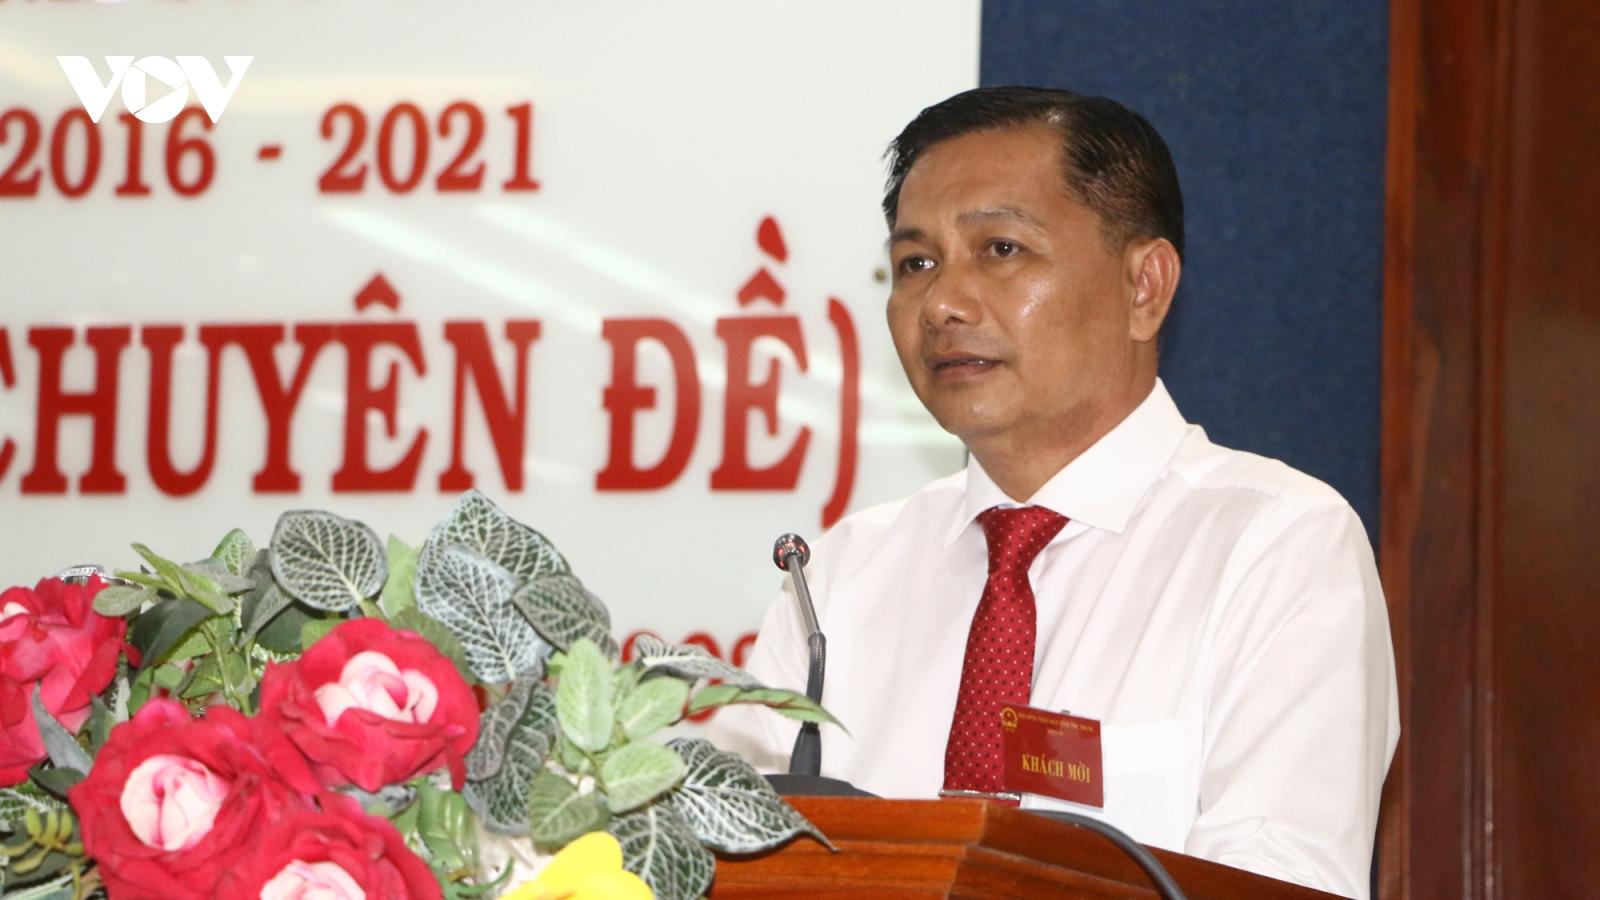 Đại tá Trần Văn Lâu được bầu giữ chức Chủ tịchtỉnh Sóc Trăng